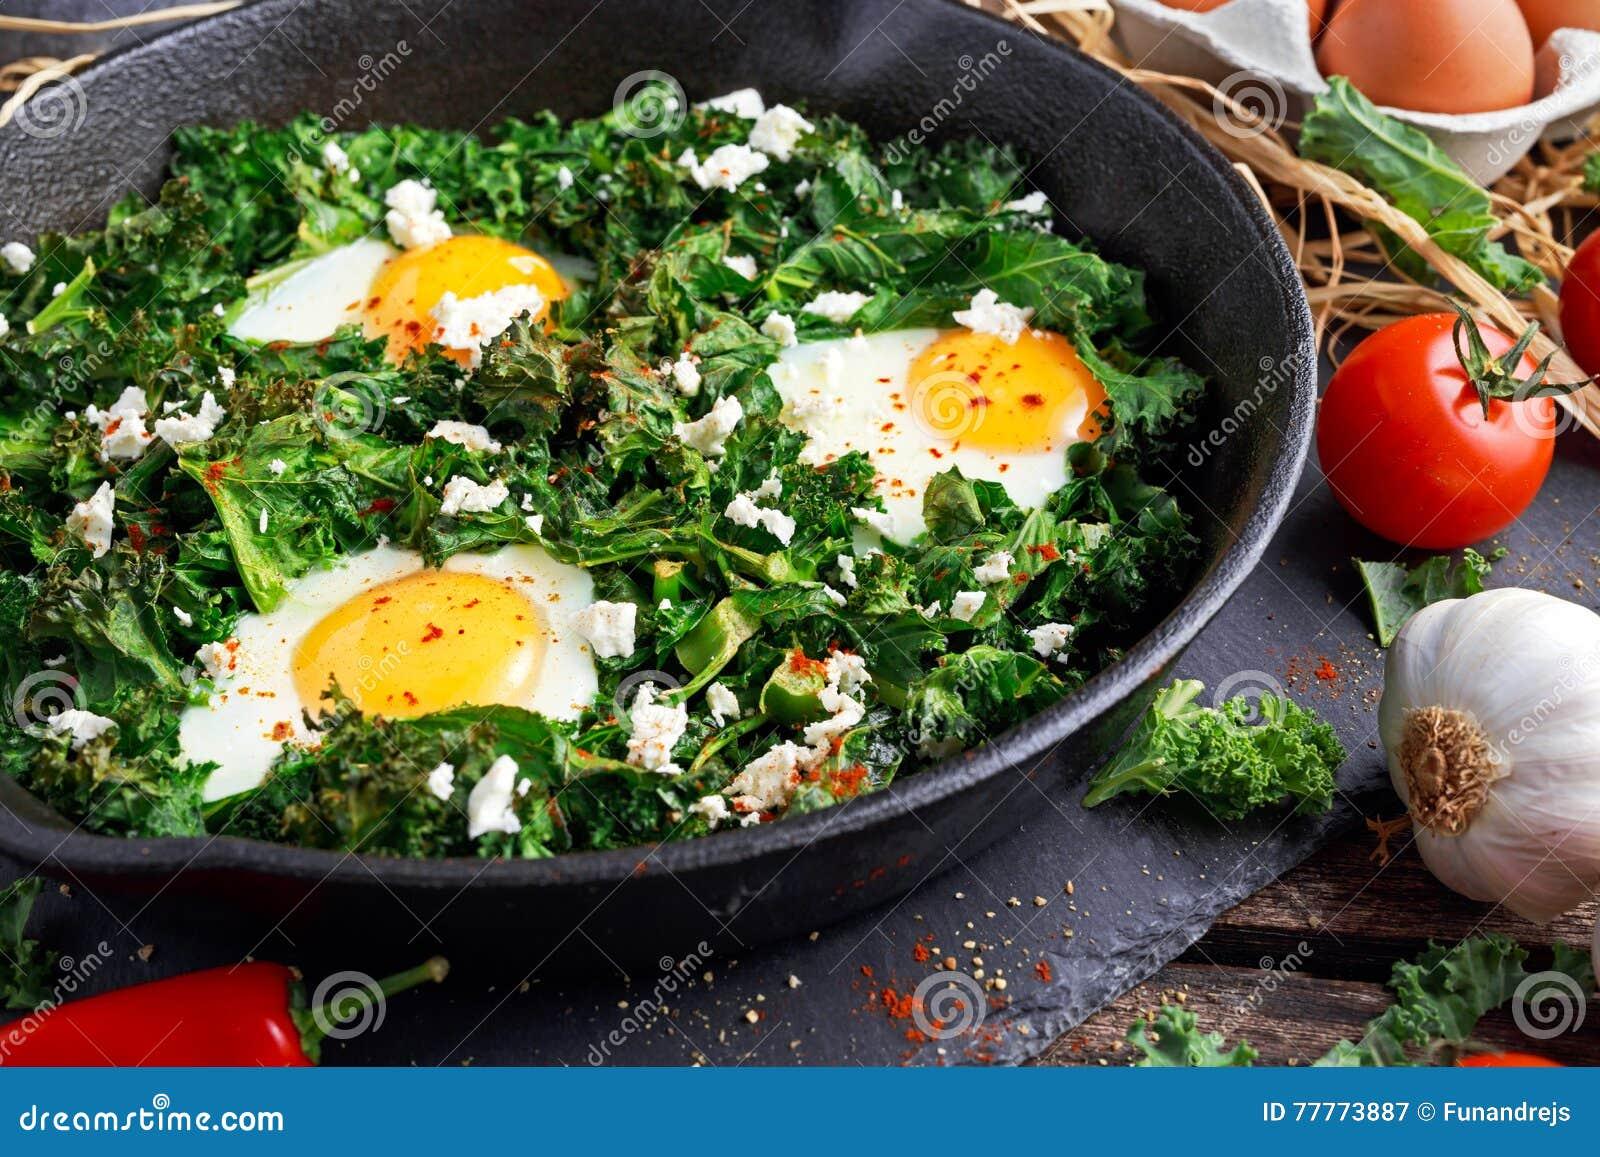 Domowej roboty Zielony Kale z jajkami, feta ser, ziele w żelaznej niecce zdrowy nieociosany śniadanie